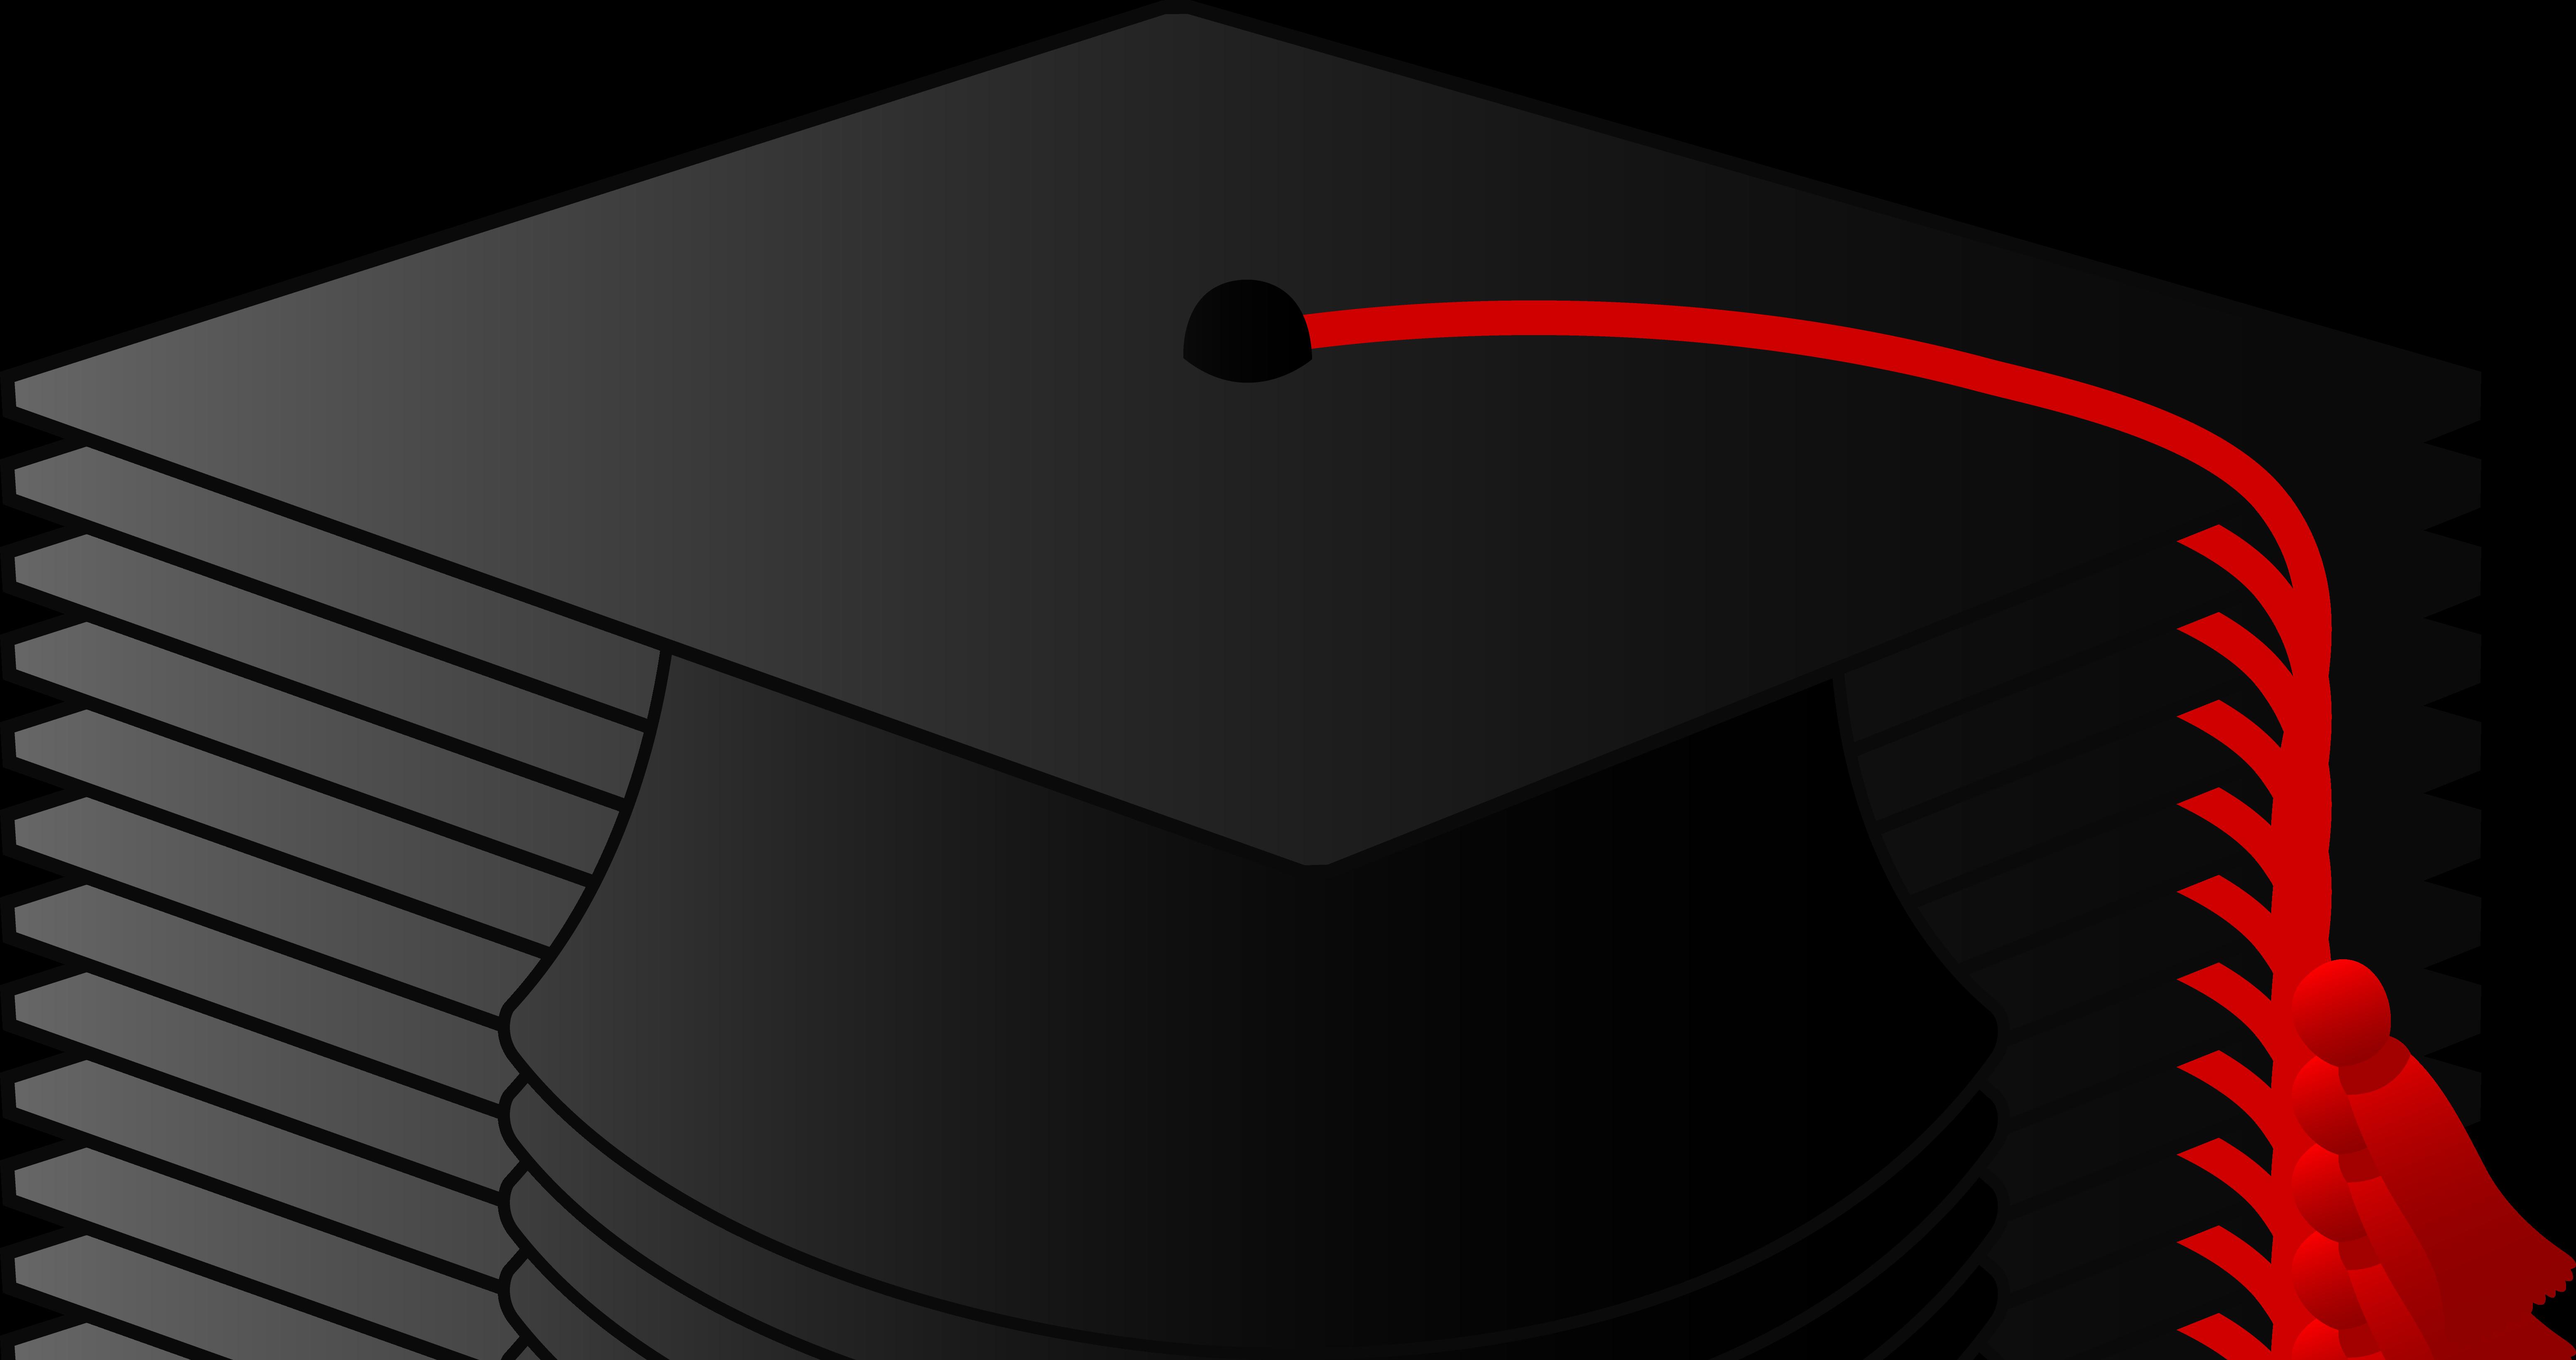 Hat graduation cap png. Congratulations clipart degree